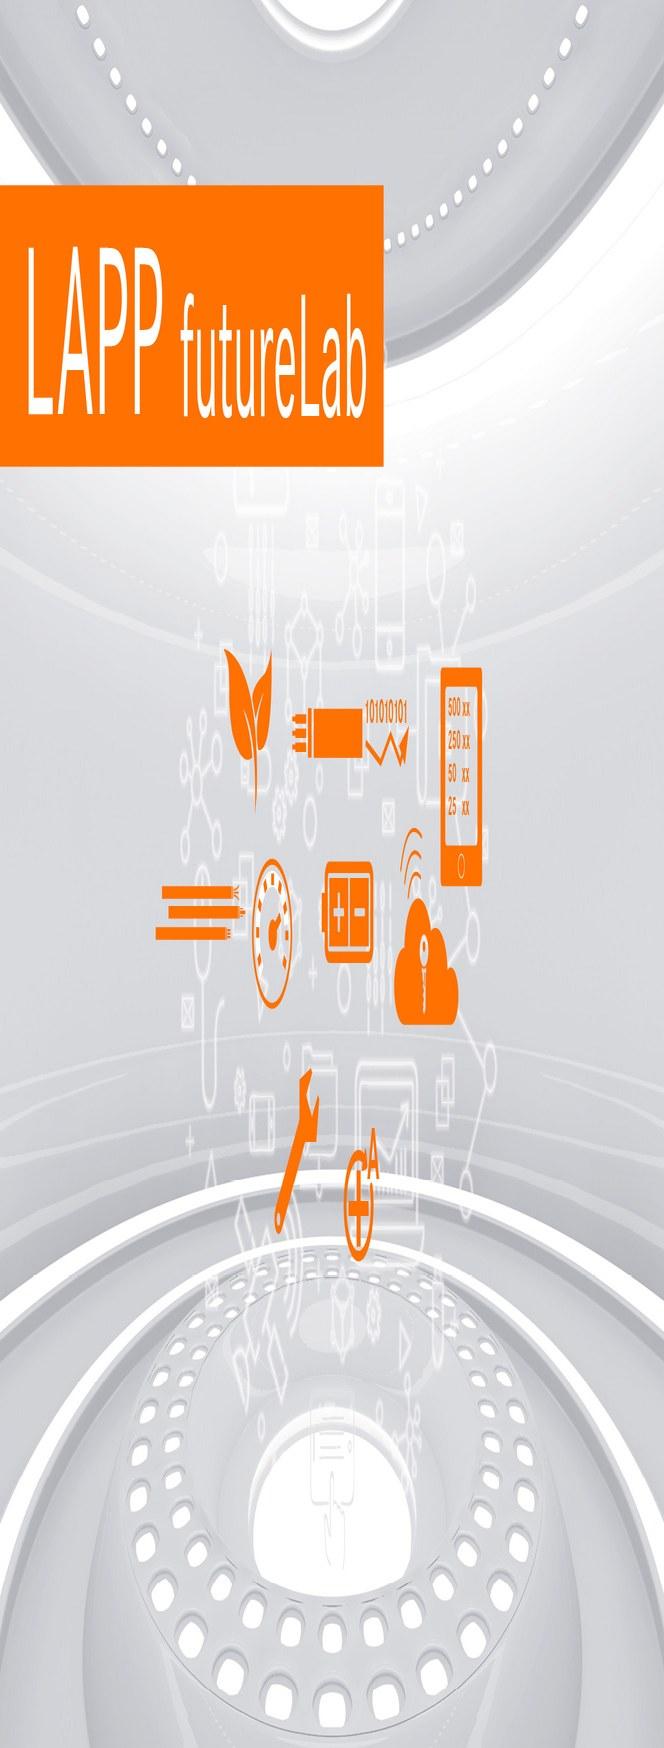 FutureLab: przewody z pamięcią cyfrową opracowane przez LAPP